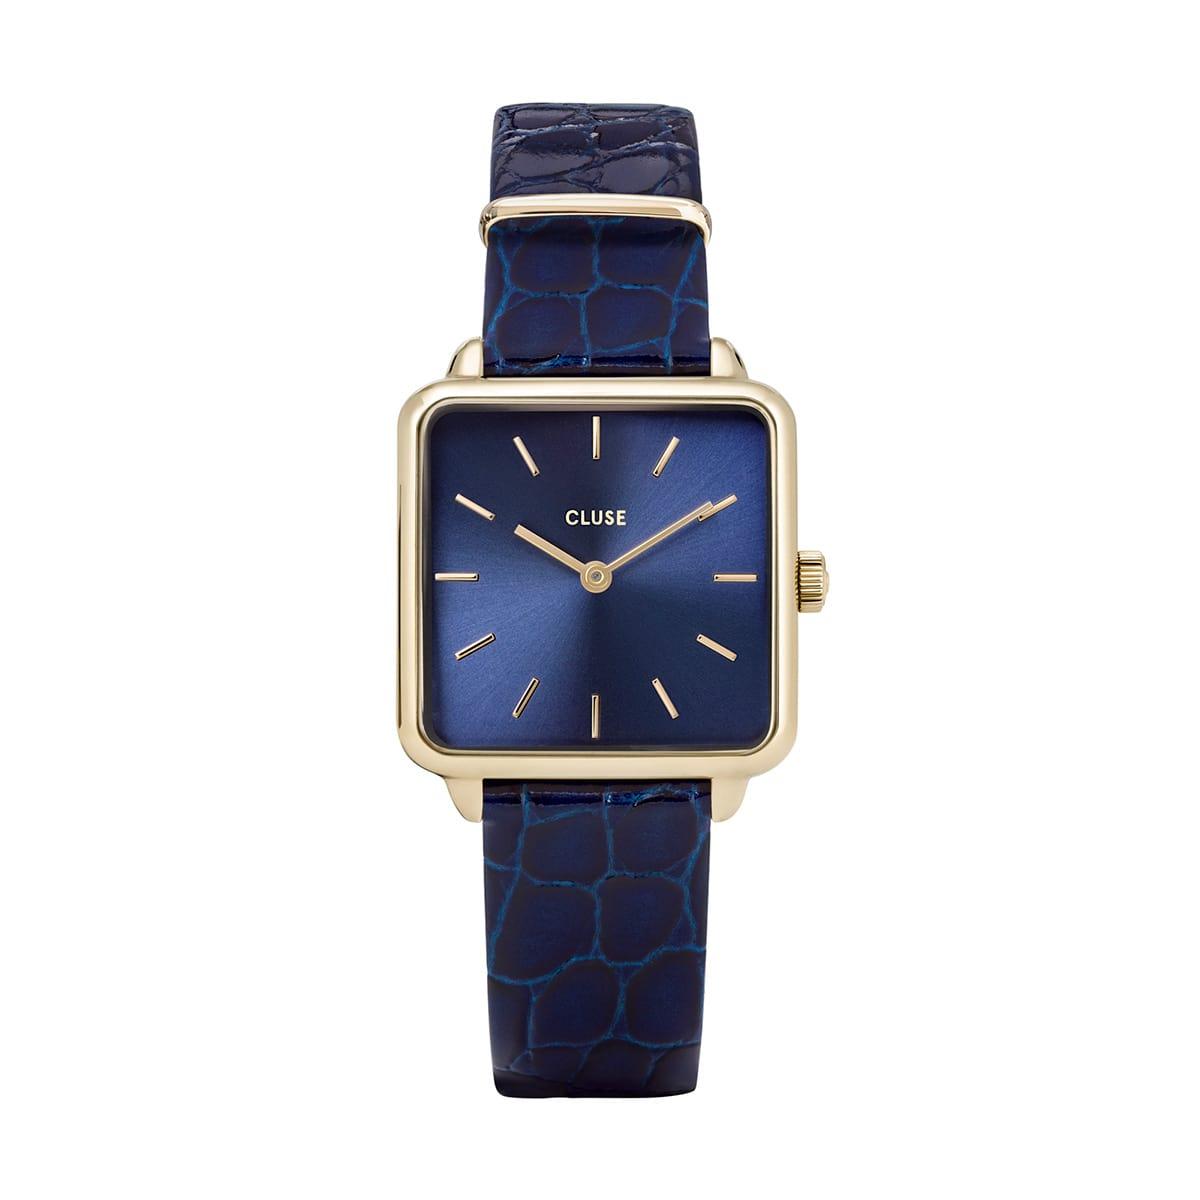 堀田茜 着用28.5mm - CW0101207028 ラ・テトラゴン レザー ゴールド ブルー ブルー アリゲーター CLUSE クルース 腕時計